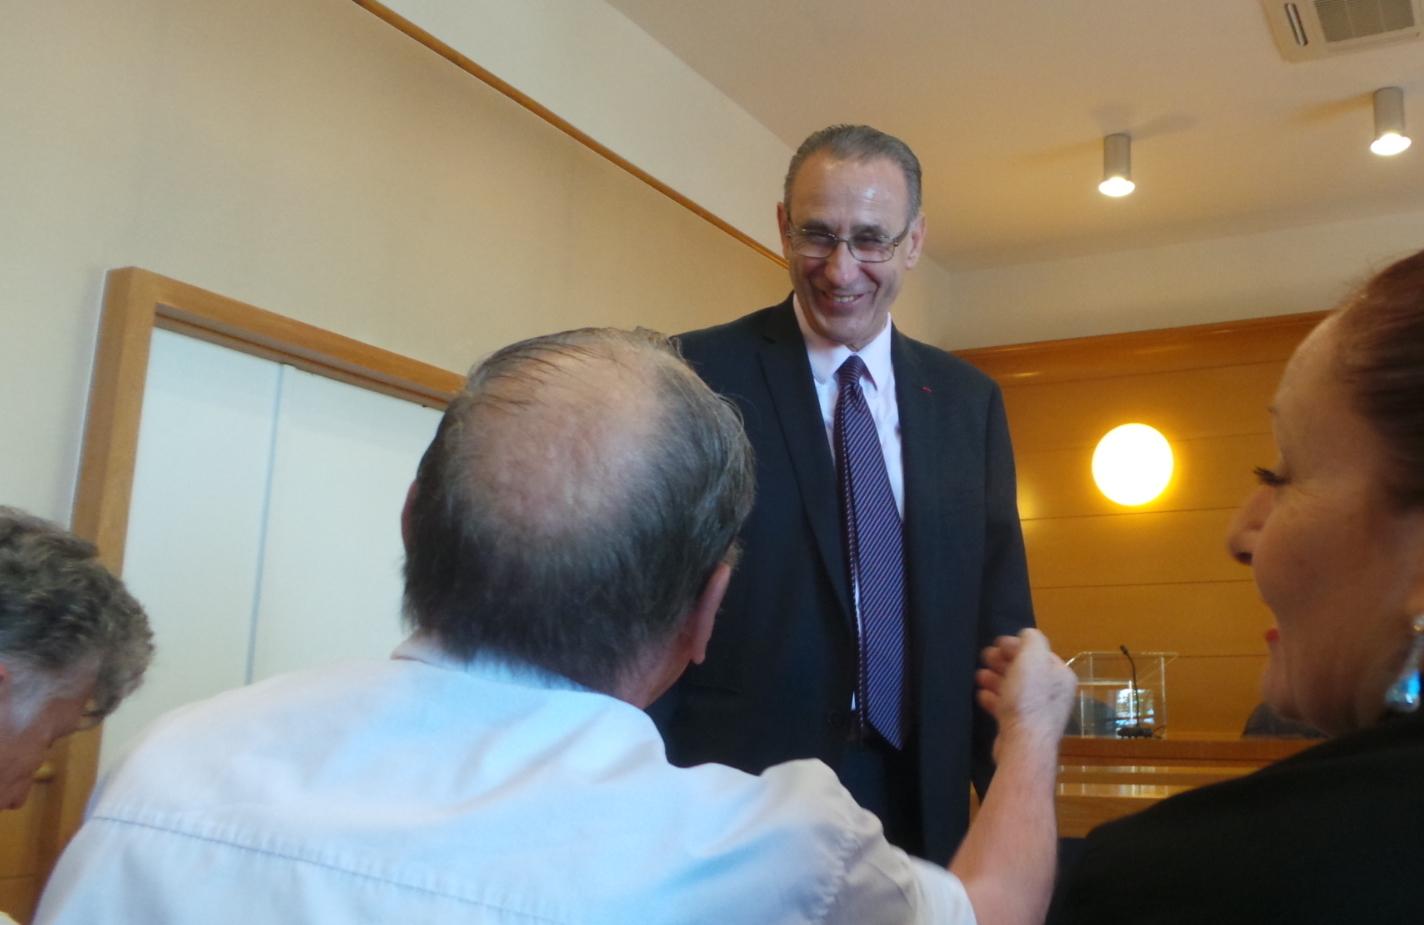 Sisco : Le maire défend favorablement et seul son arrêté devant le juge administratif